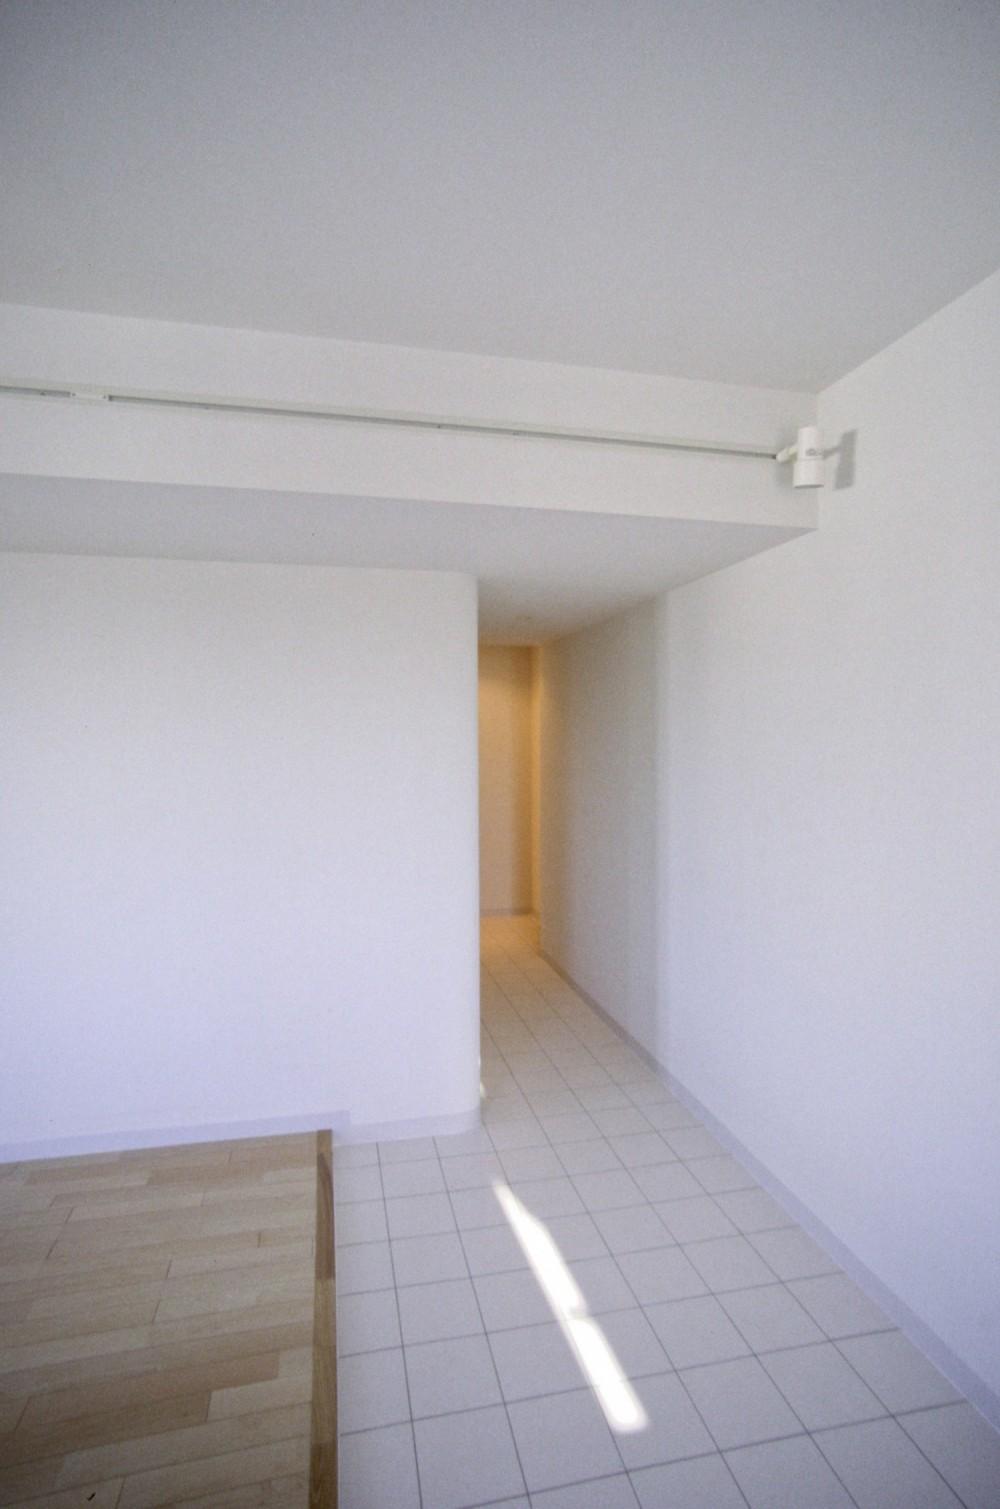 東京中野 ミニマル・シンプルな空間へマンションリノベーション (リビング端部の土間エリア)